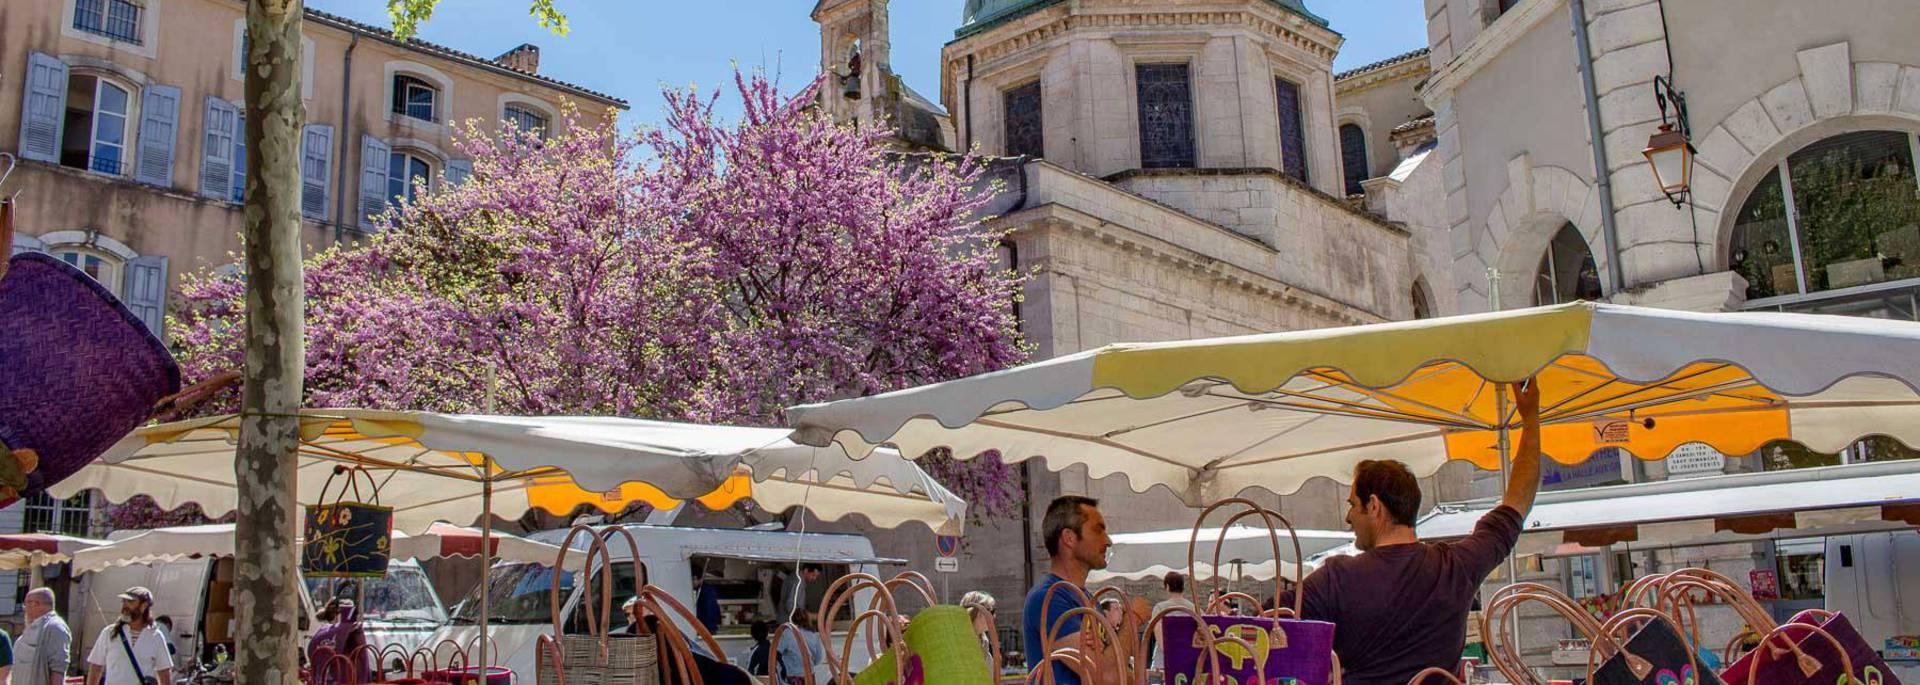 Marché d'Apt | Cathédrale Sainte-Anne| Sac | Panier | Exposants